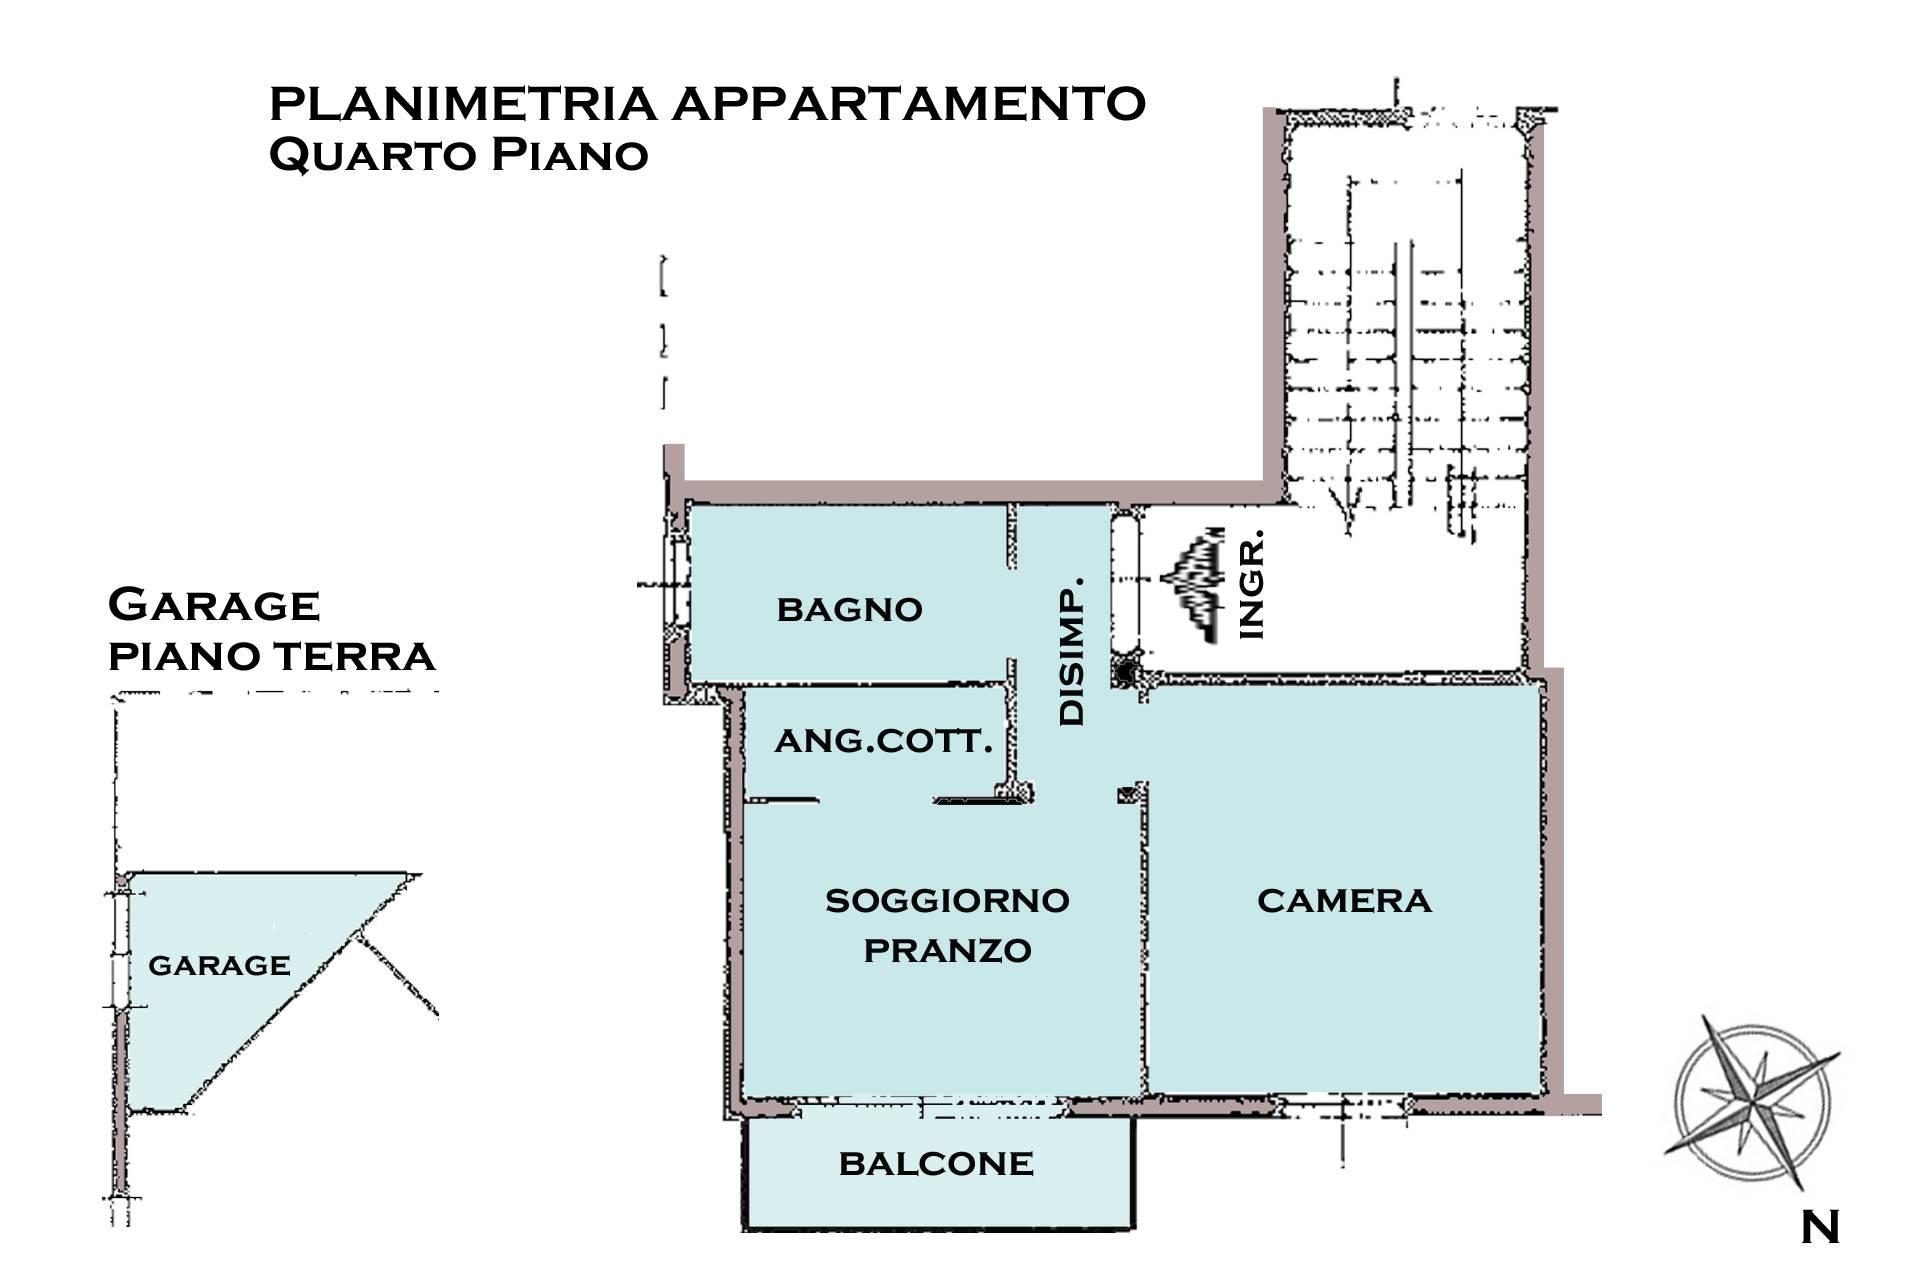 R/46-planimetria